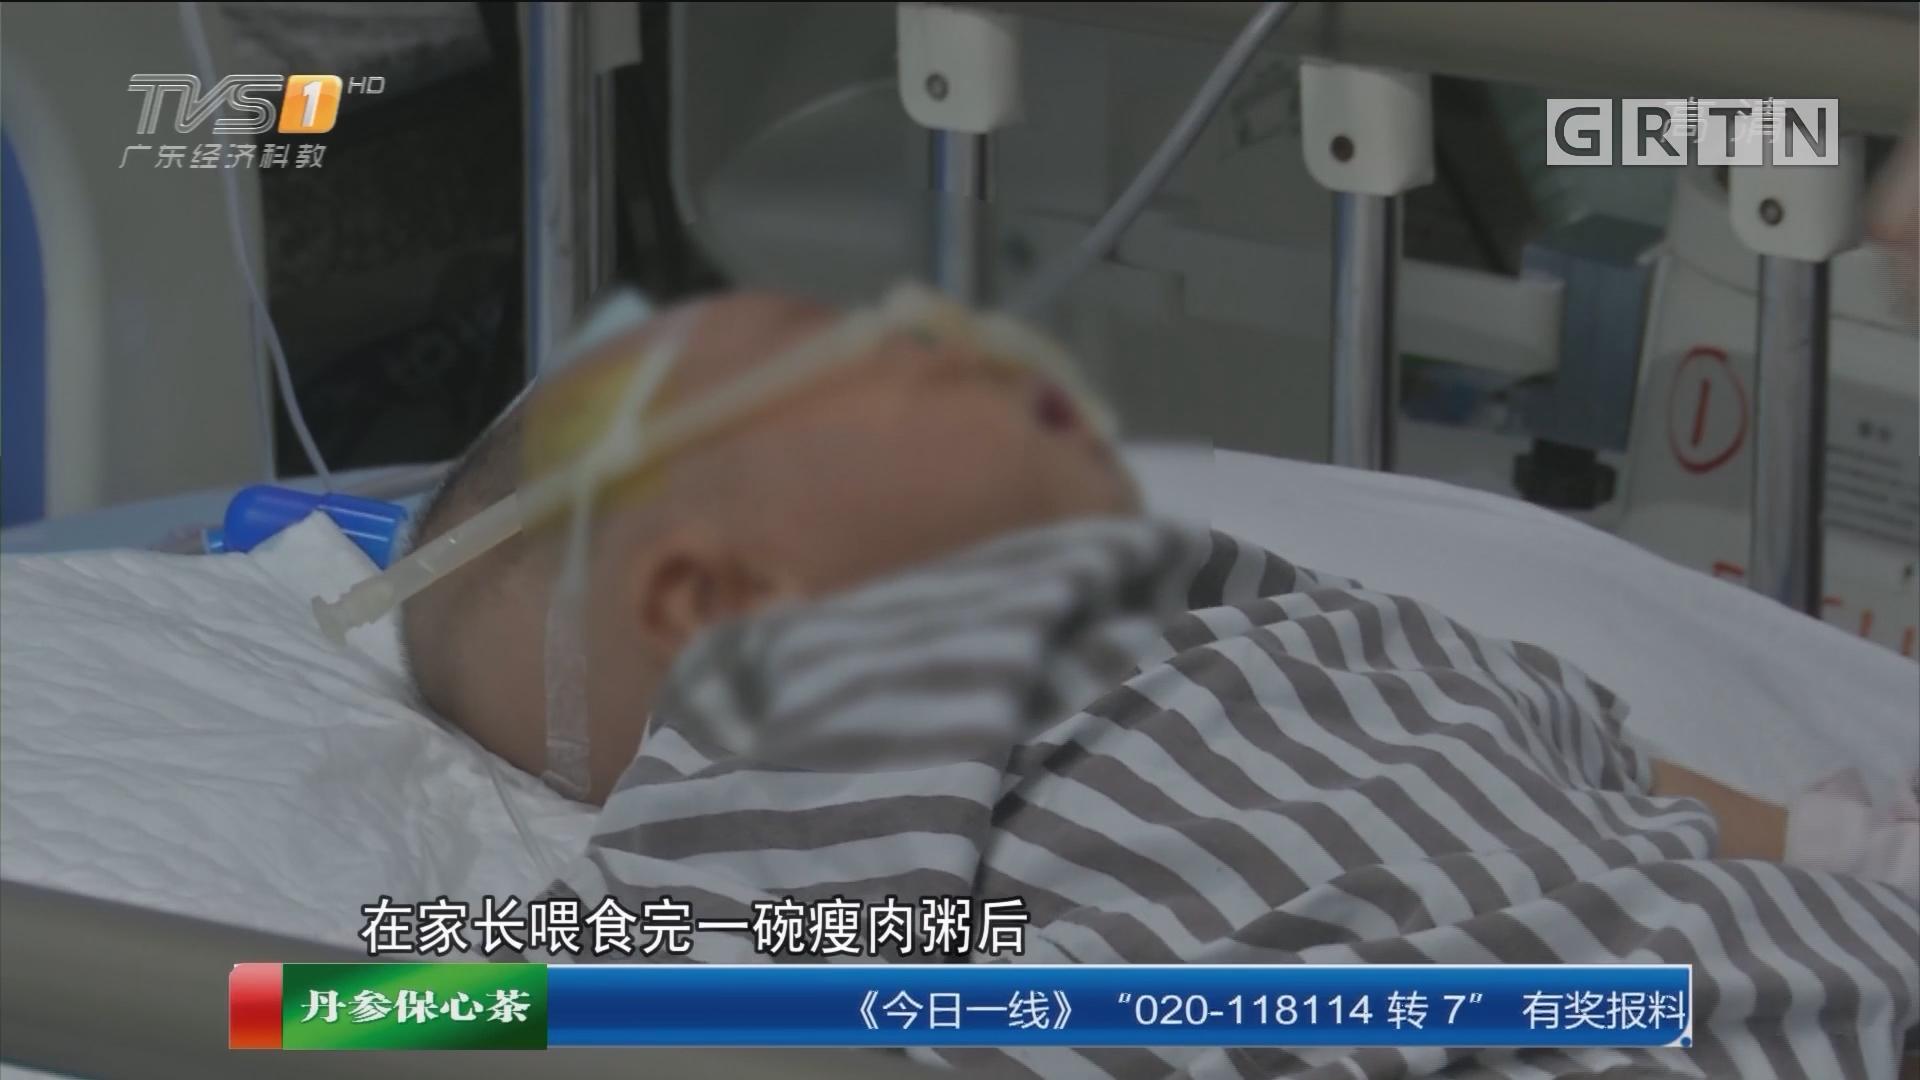 惠州惠城:宝宝喝瘦肉粥被骨卡 咳嗽一月险丧命